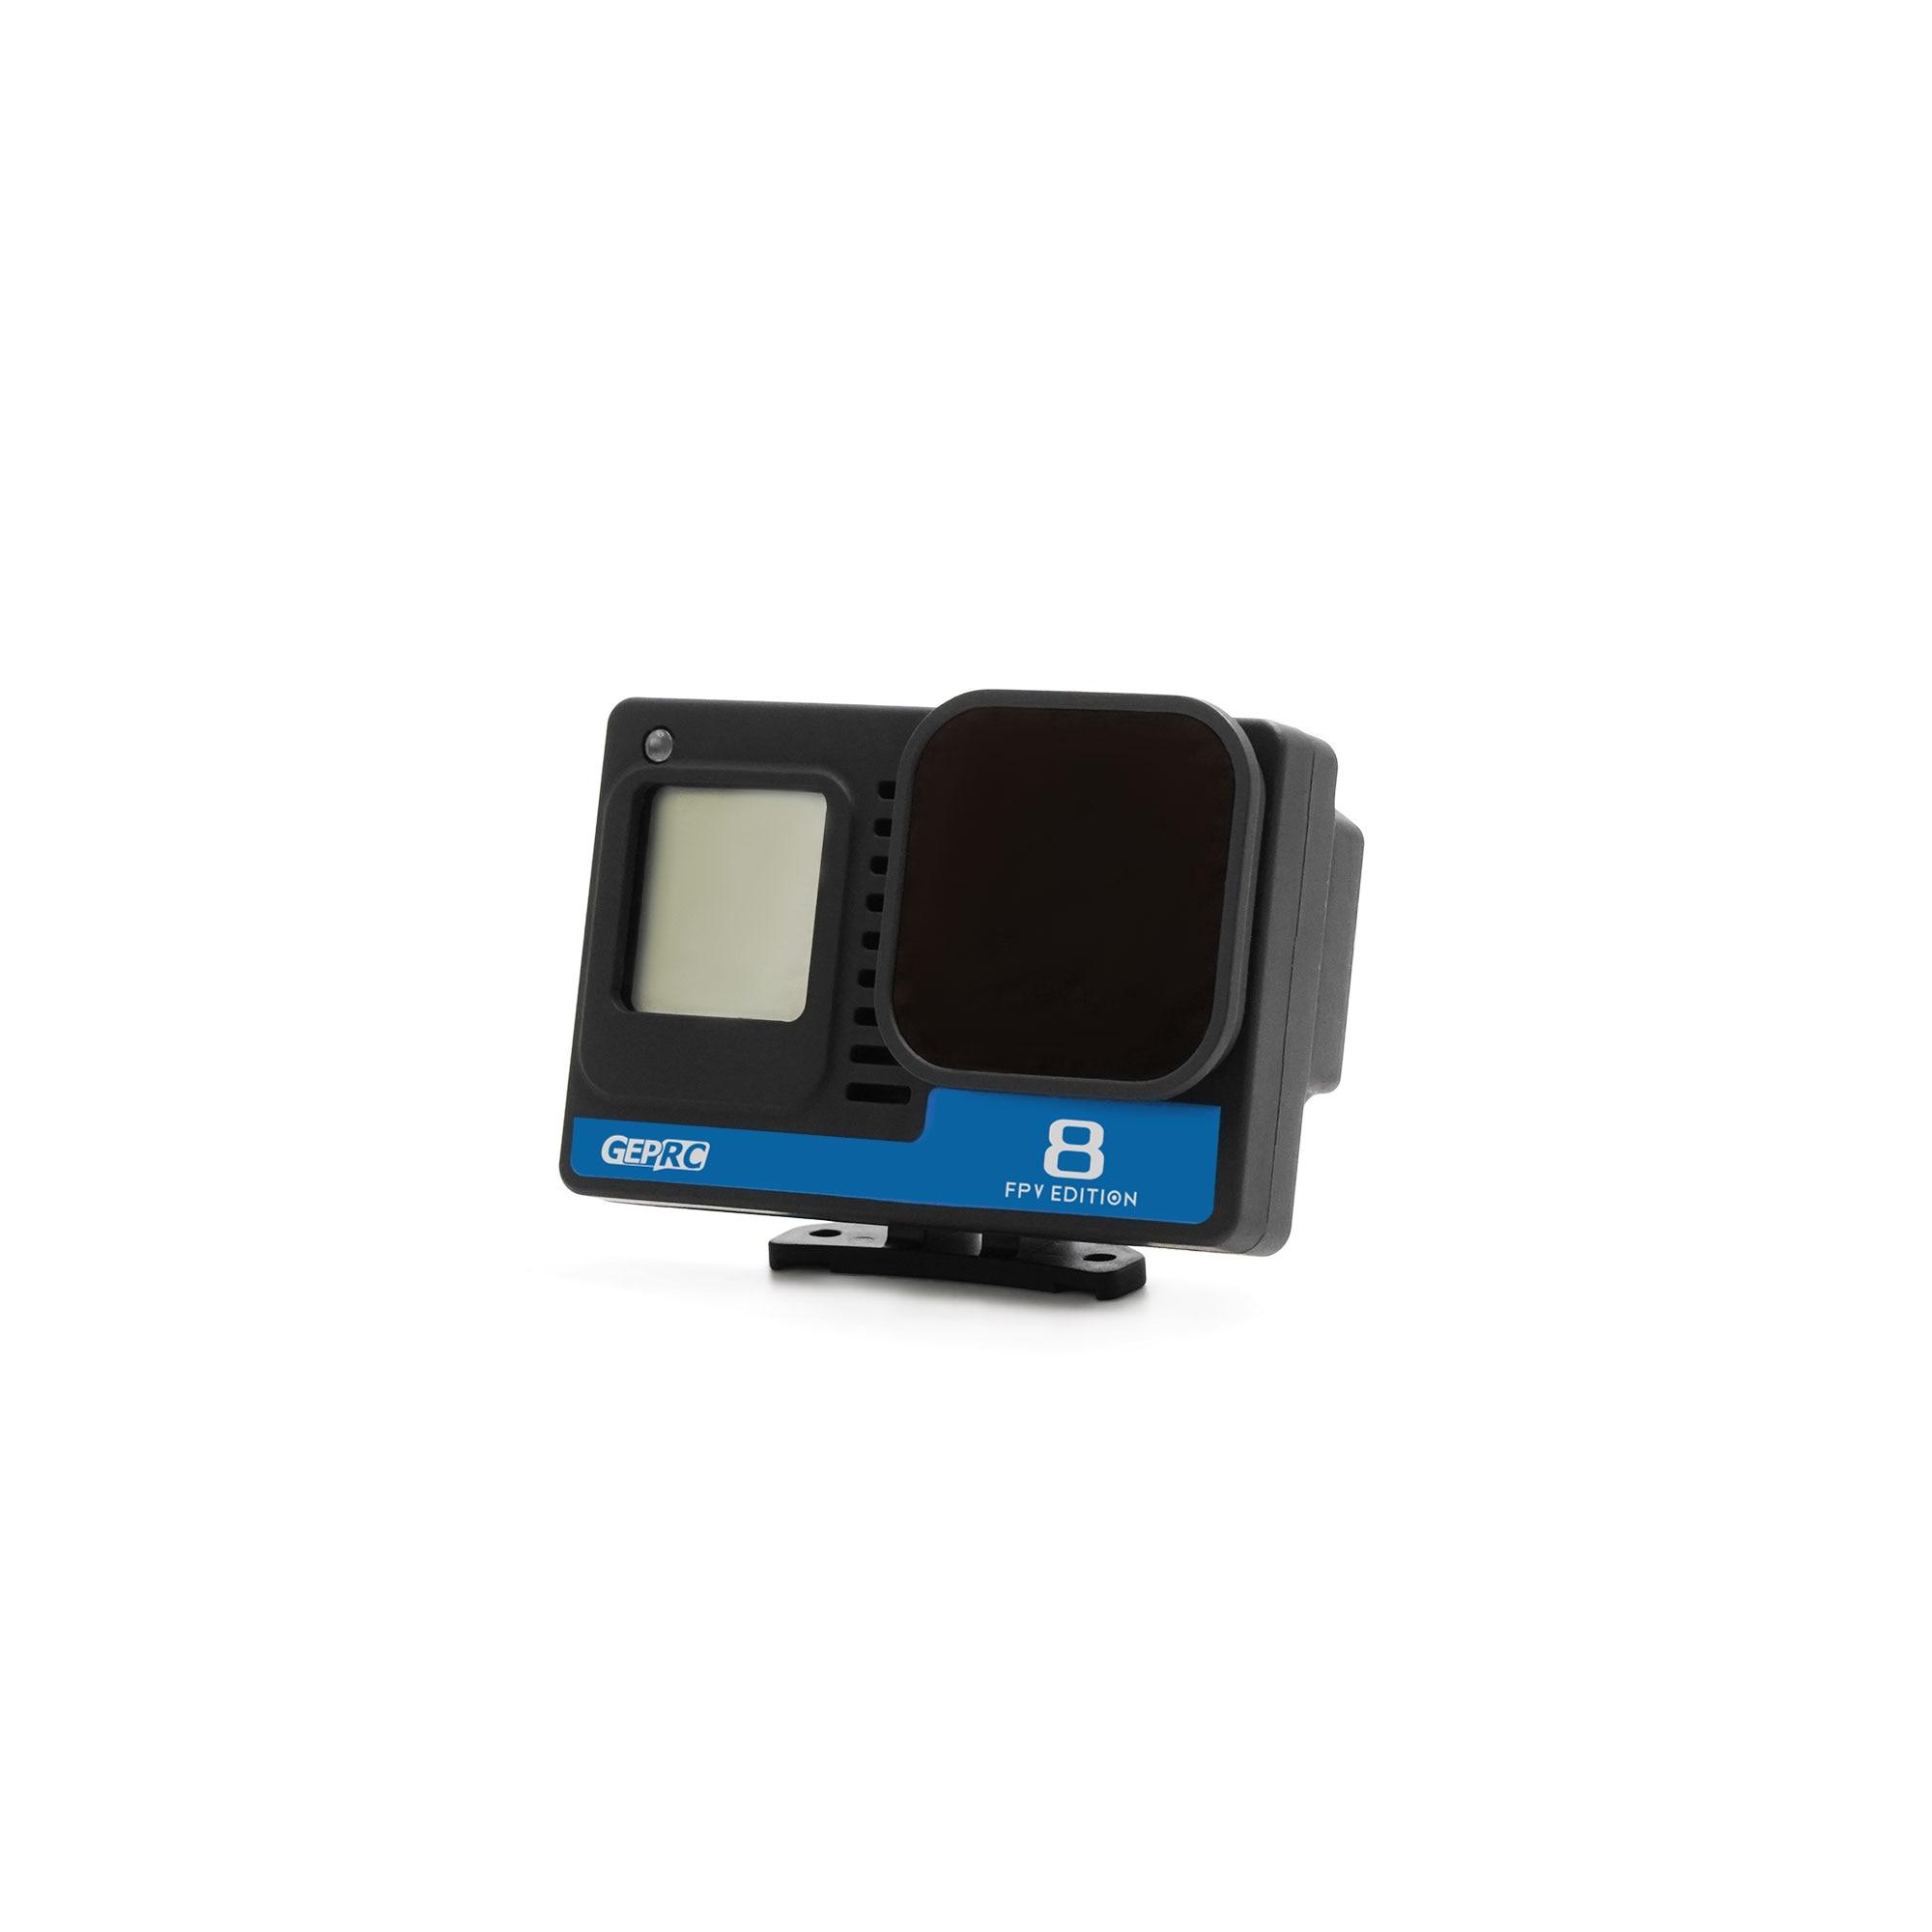 كاميرا كاملة من GEPRC موديل GoPro Hero 8 ذات دقة 4K 2-6S 25.7g لطائرة بدون طيار على شكل تاج HD على شكل تمساح 4 من طراز CineLog25